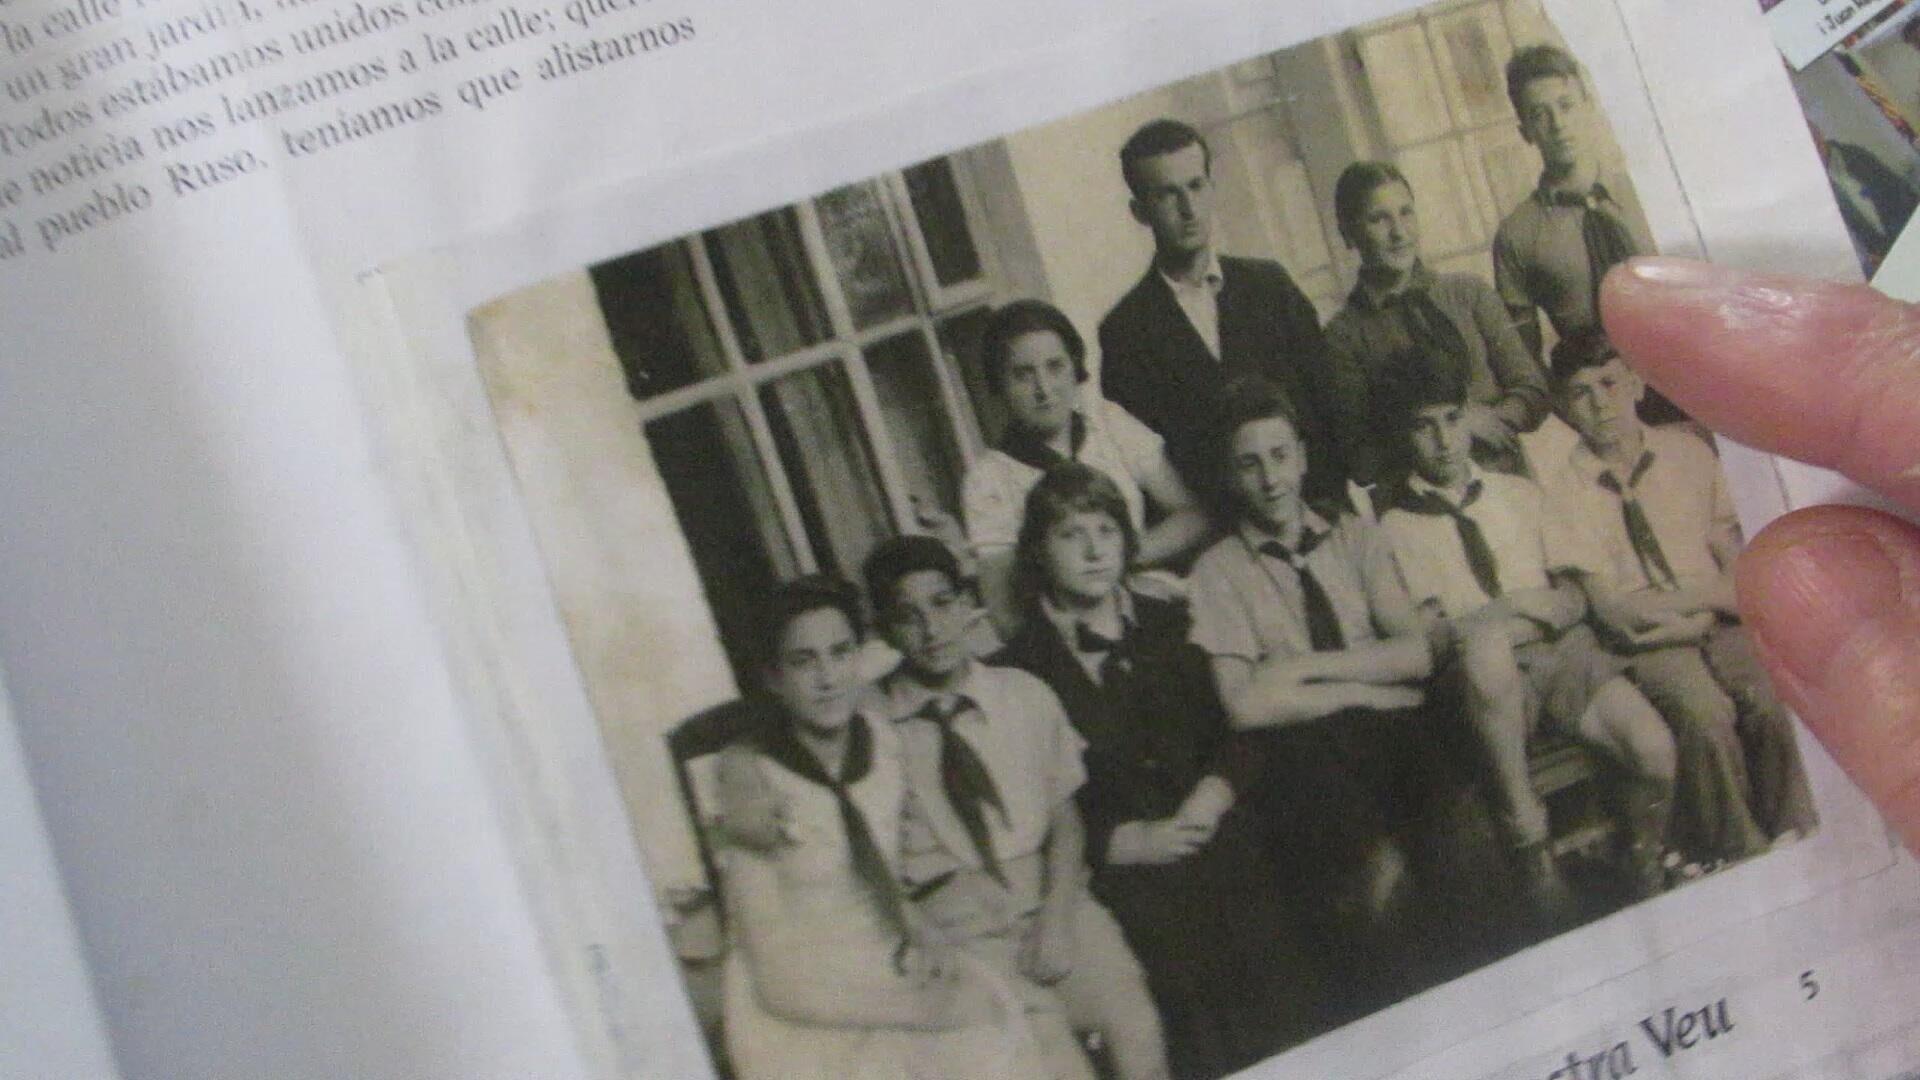 Teresa Alonso señala una fotografía donde aparece ella junto a Ignacio  - Sputnik Mundo, 1920, 08.03.2021